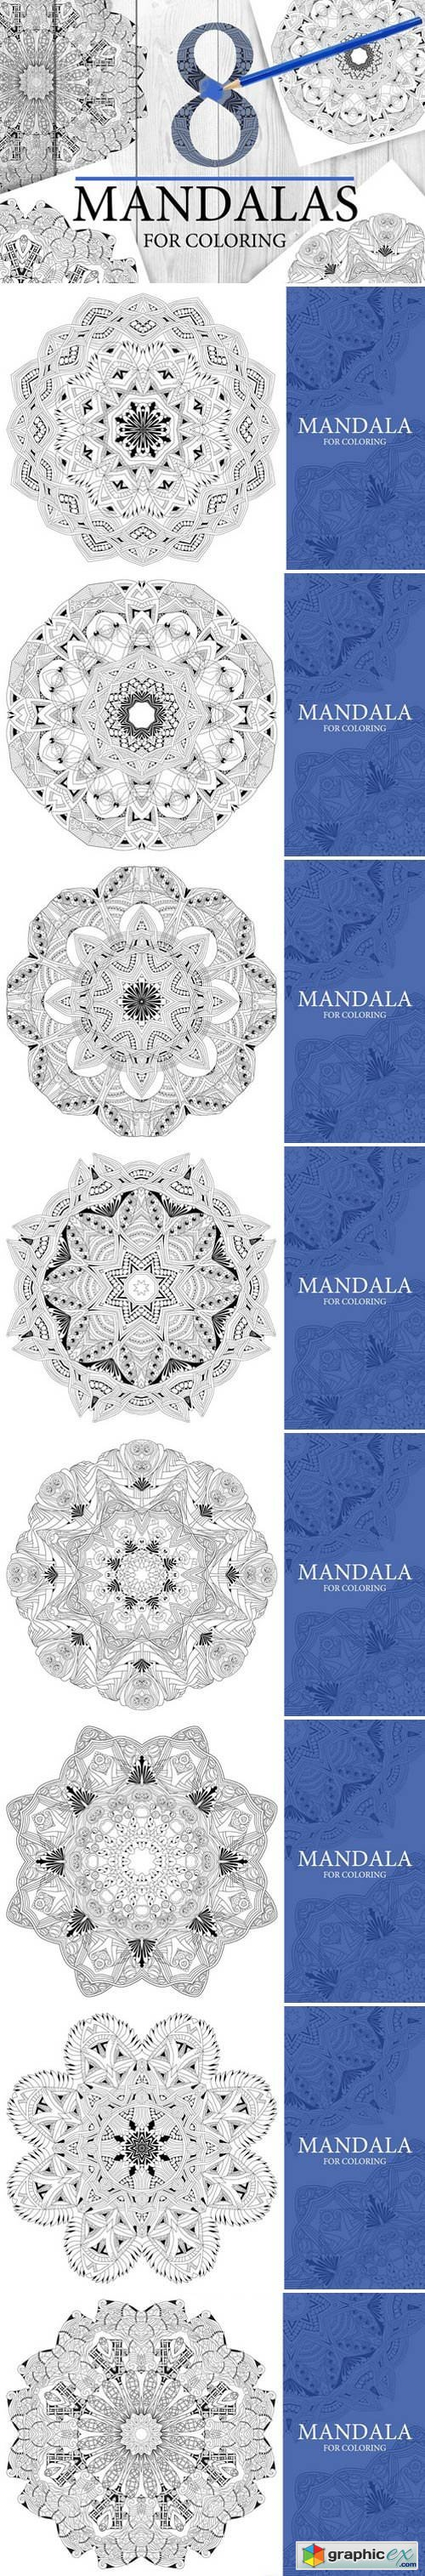 Mandalas for coloring